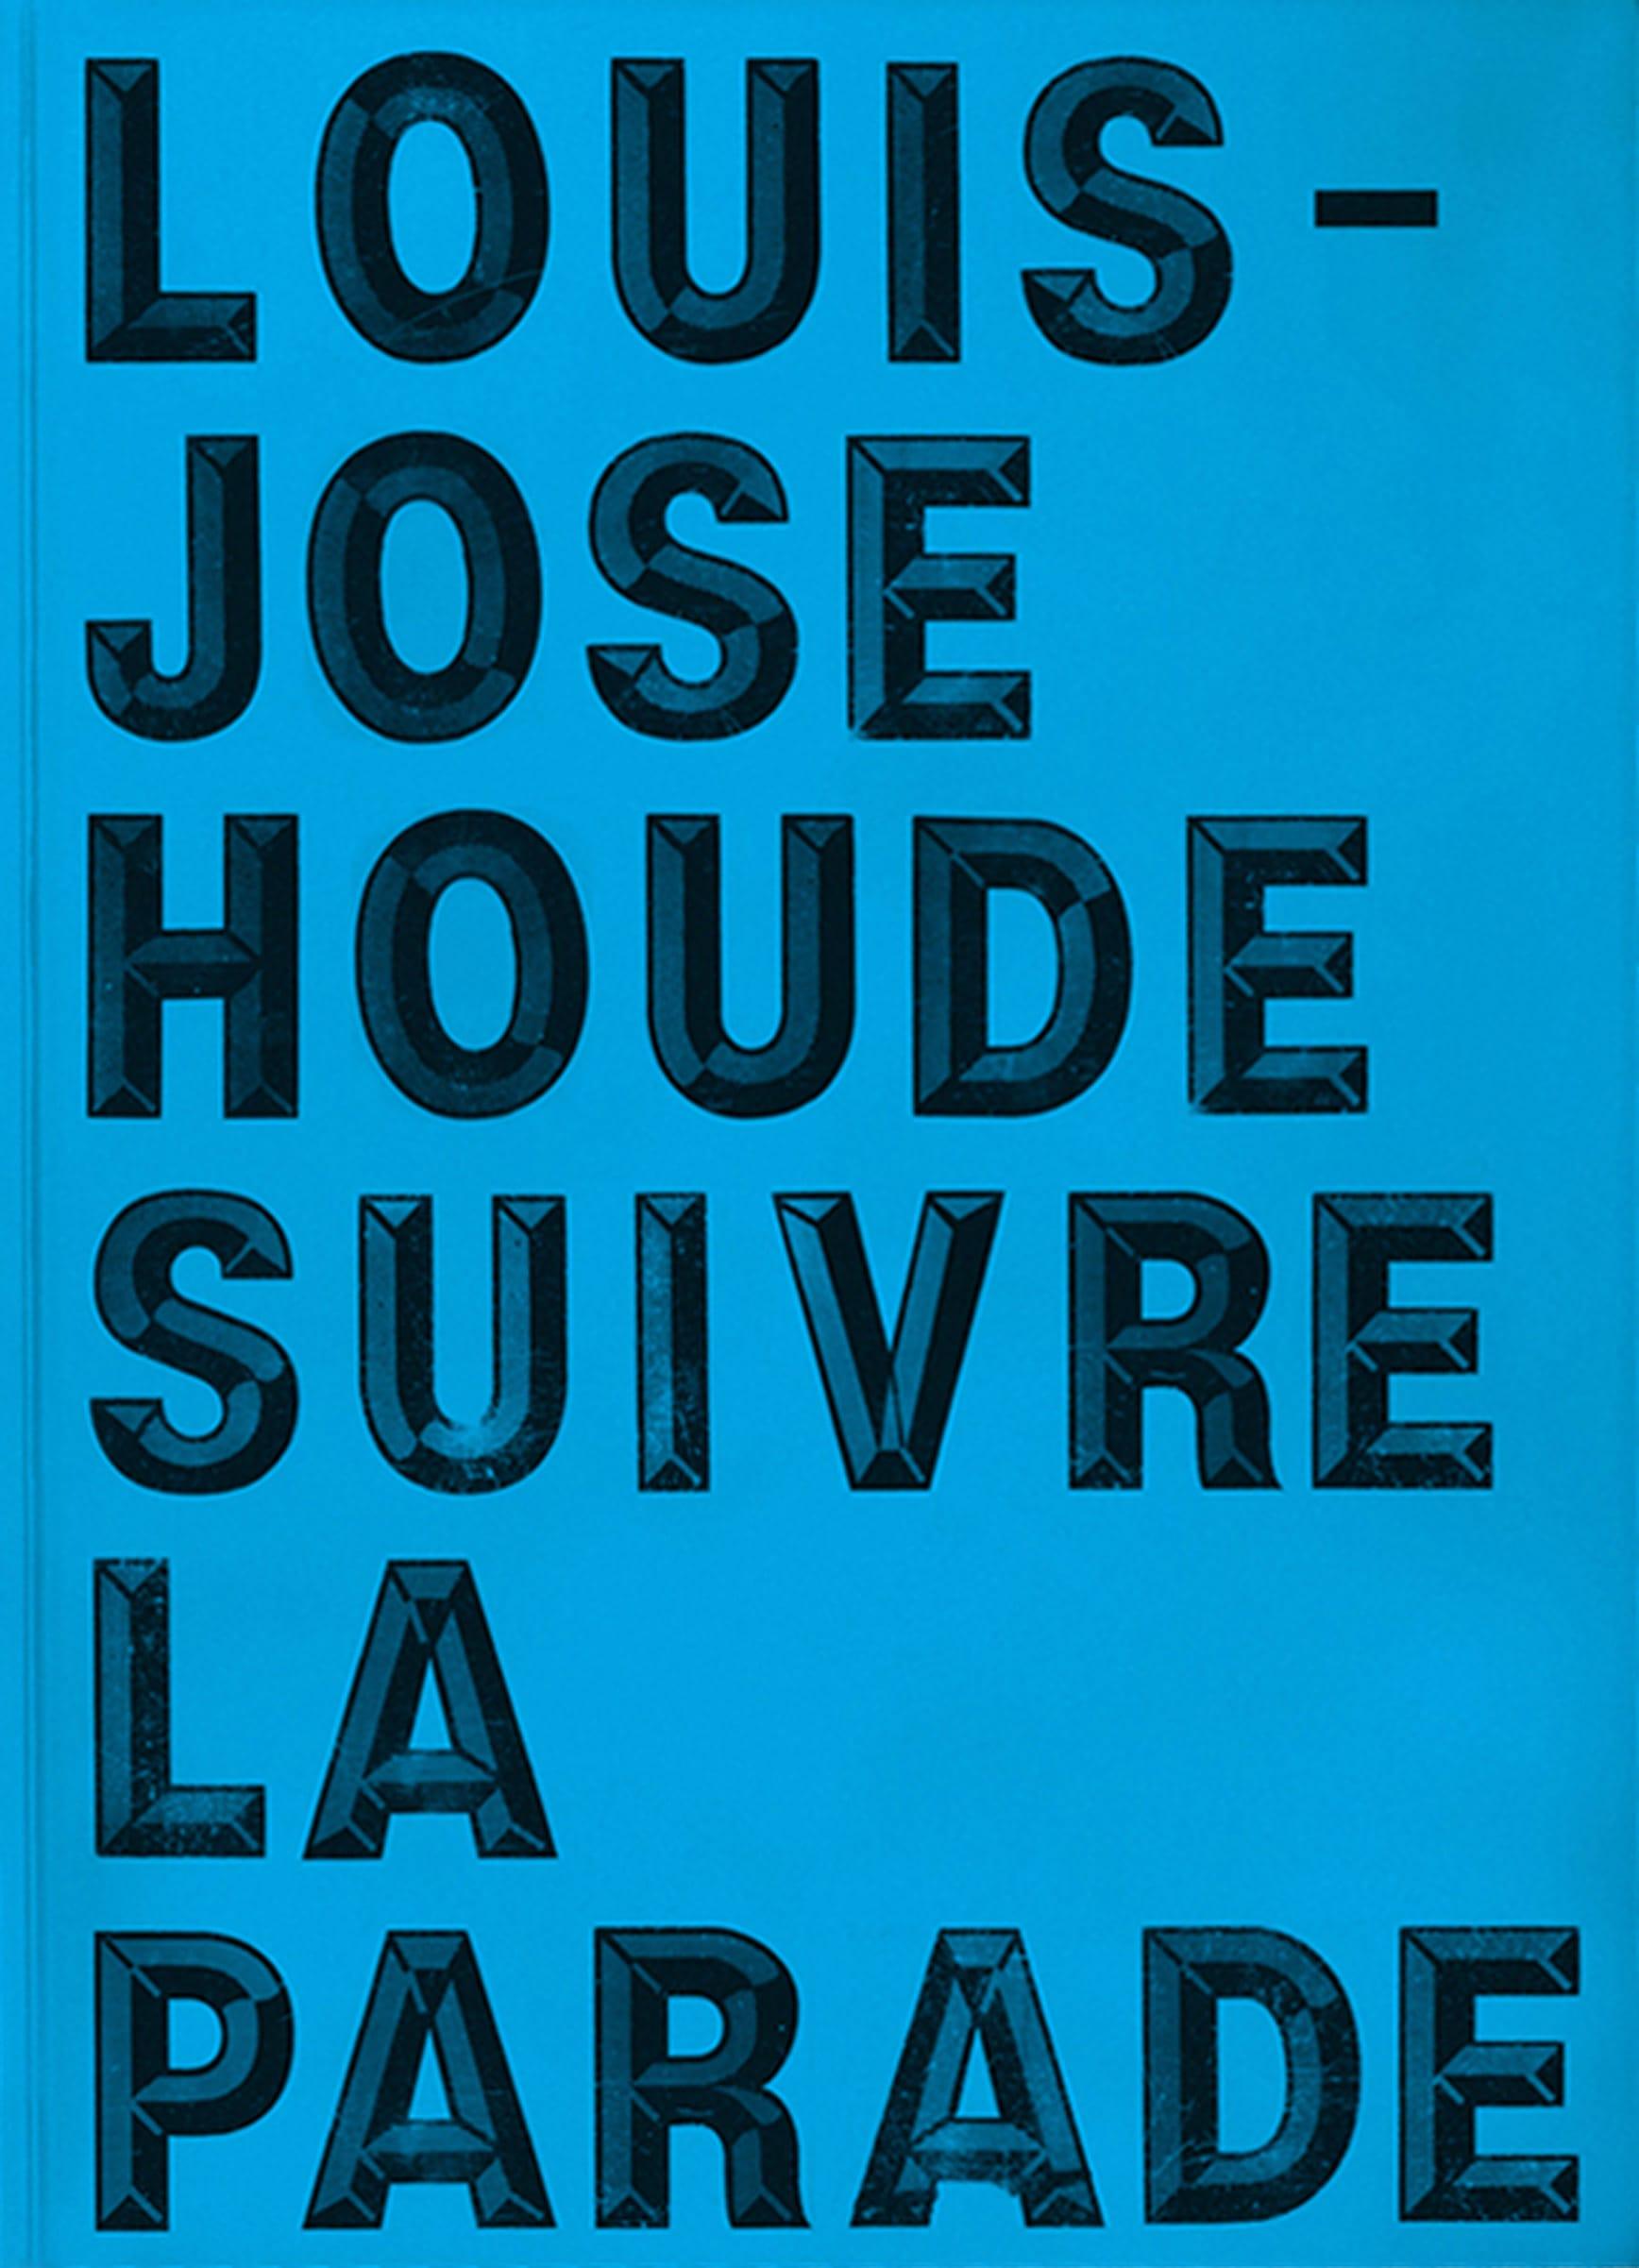 Louis-José Houde | Pochette du livre Suivre la parade